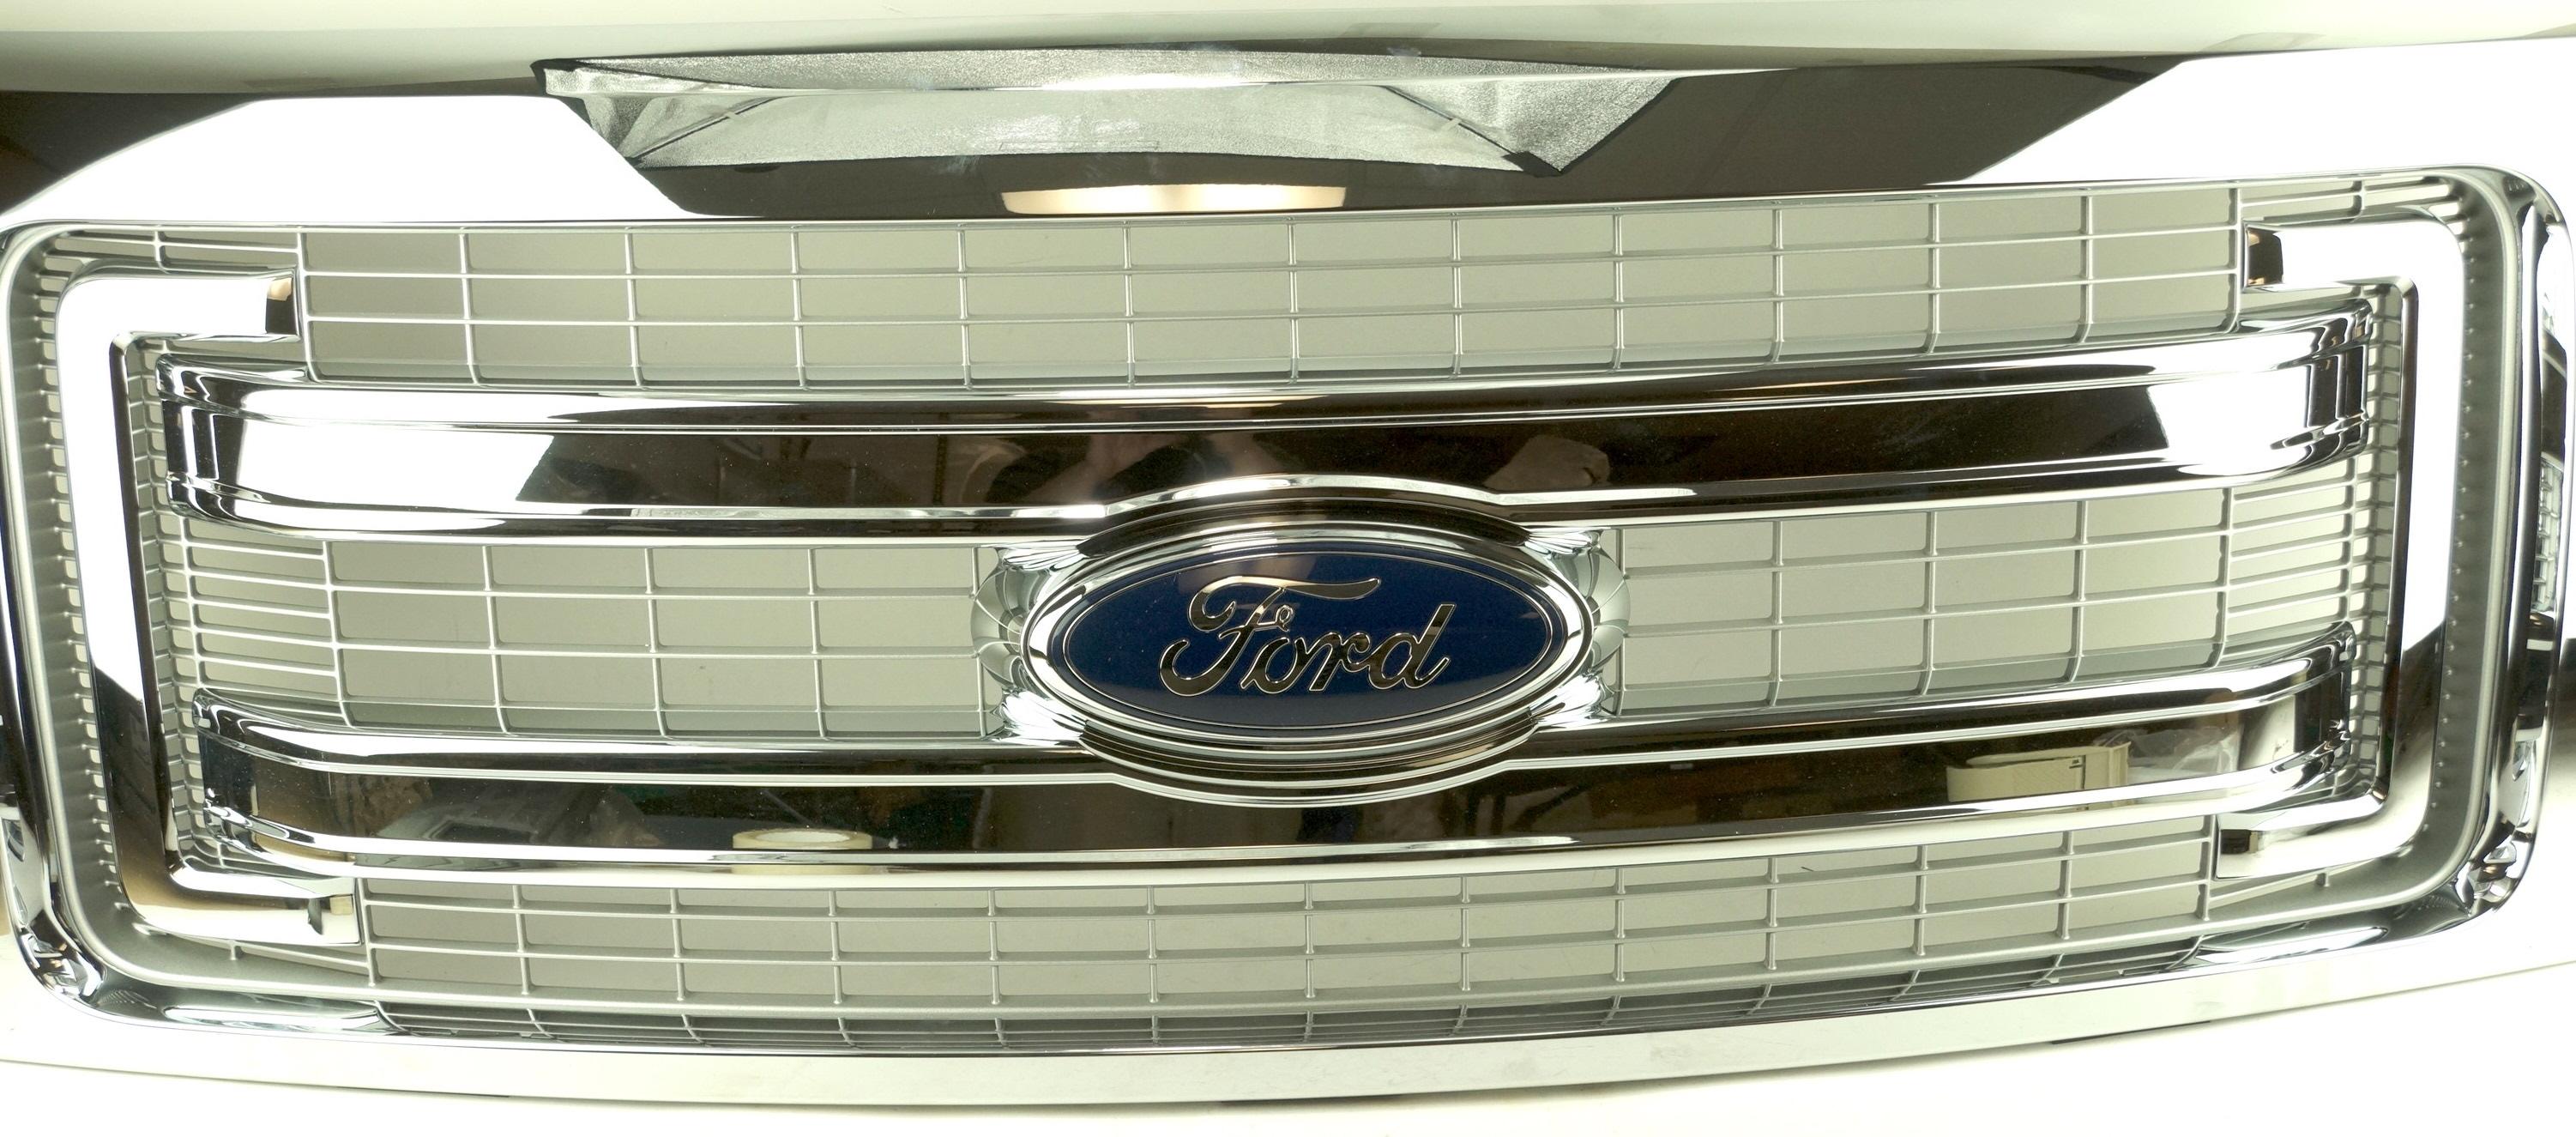 New Genuine OEM DL3Z8200BA Ford Front Grille Assembly w/ Emblem 09-14 F-150 XLT - image 3